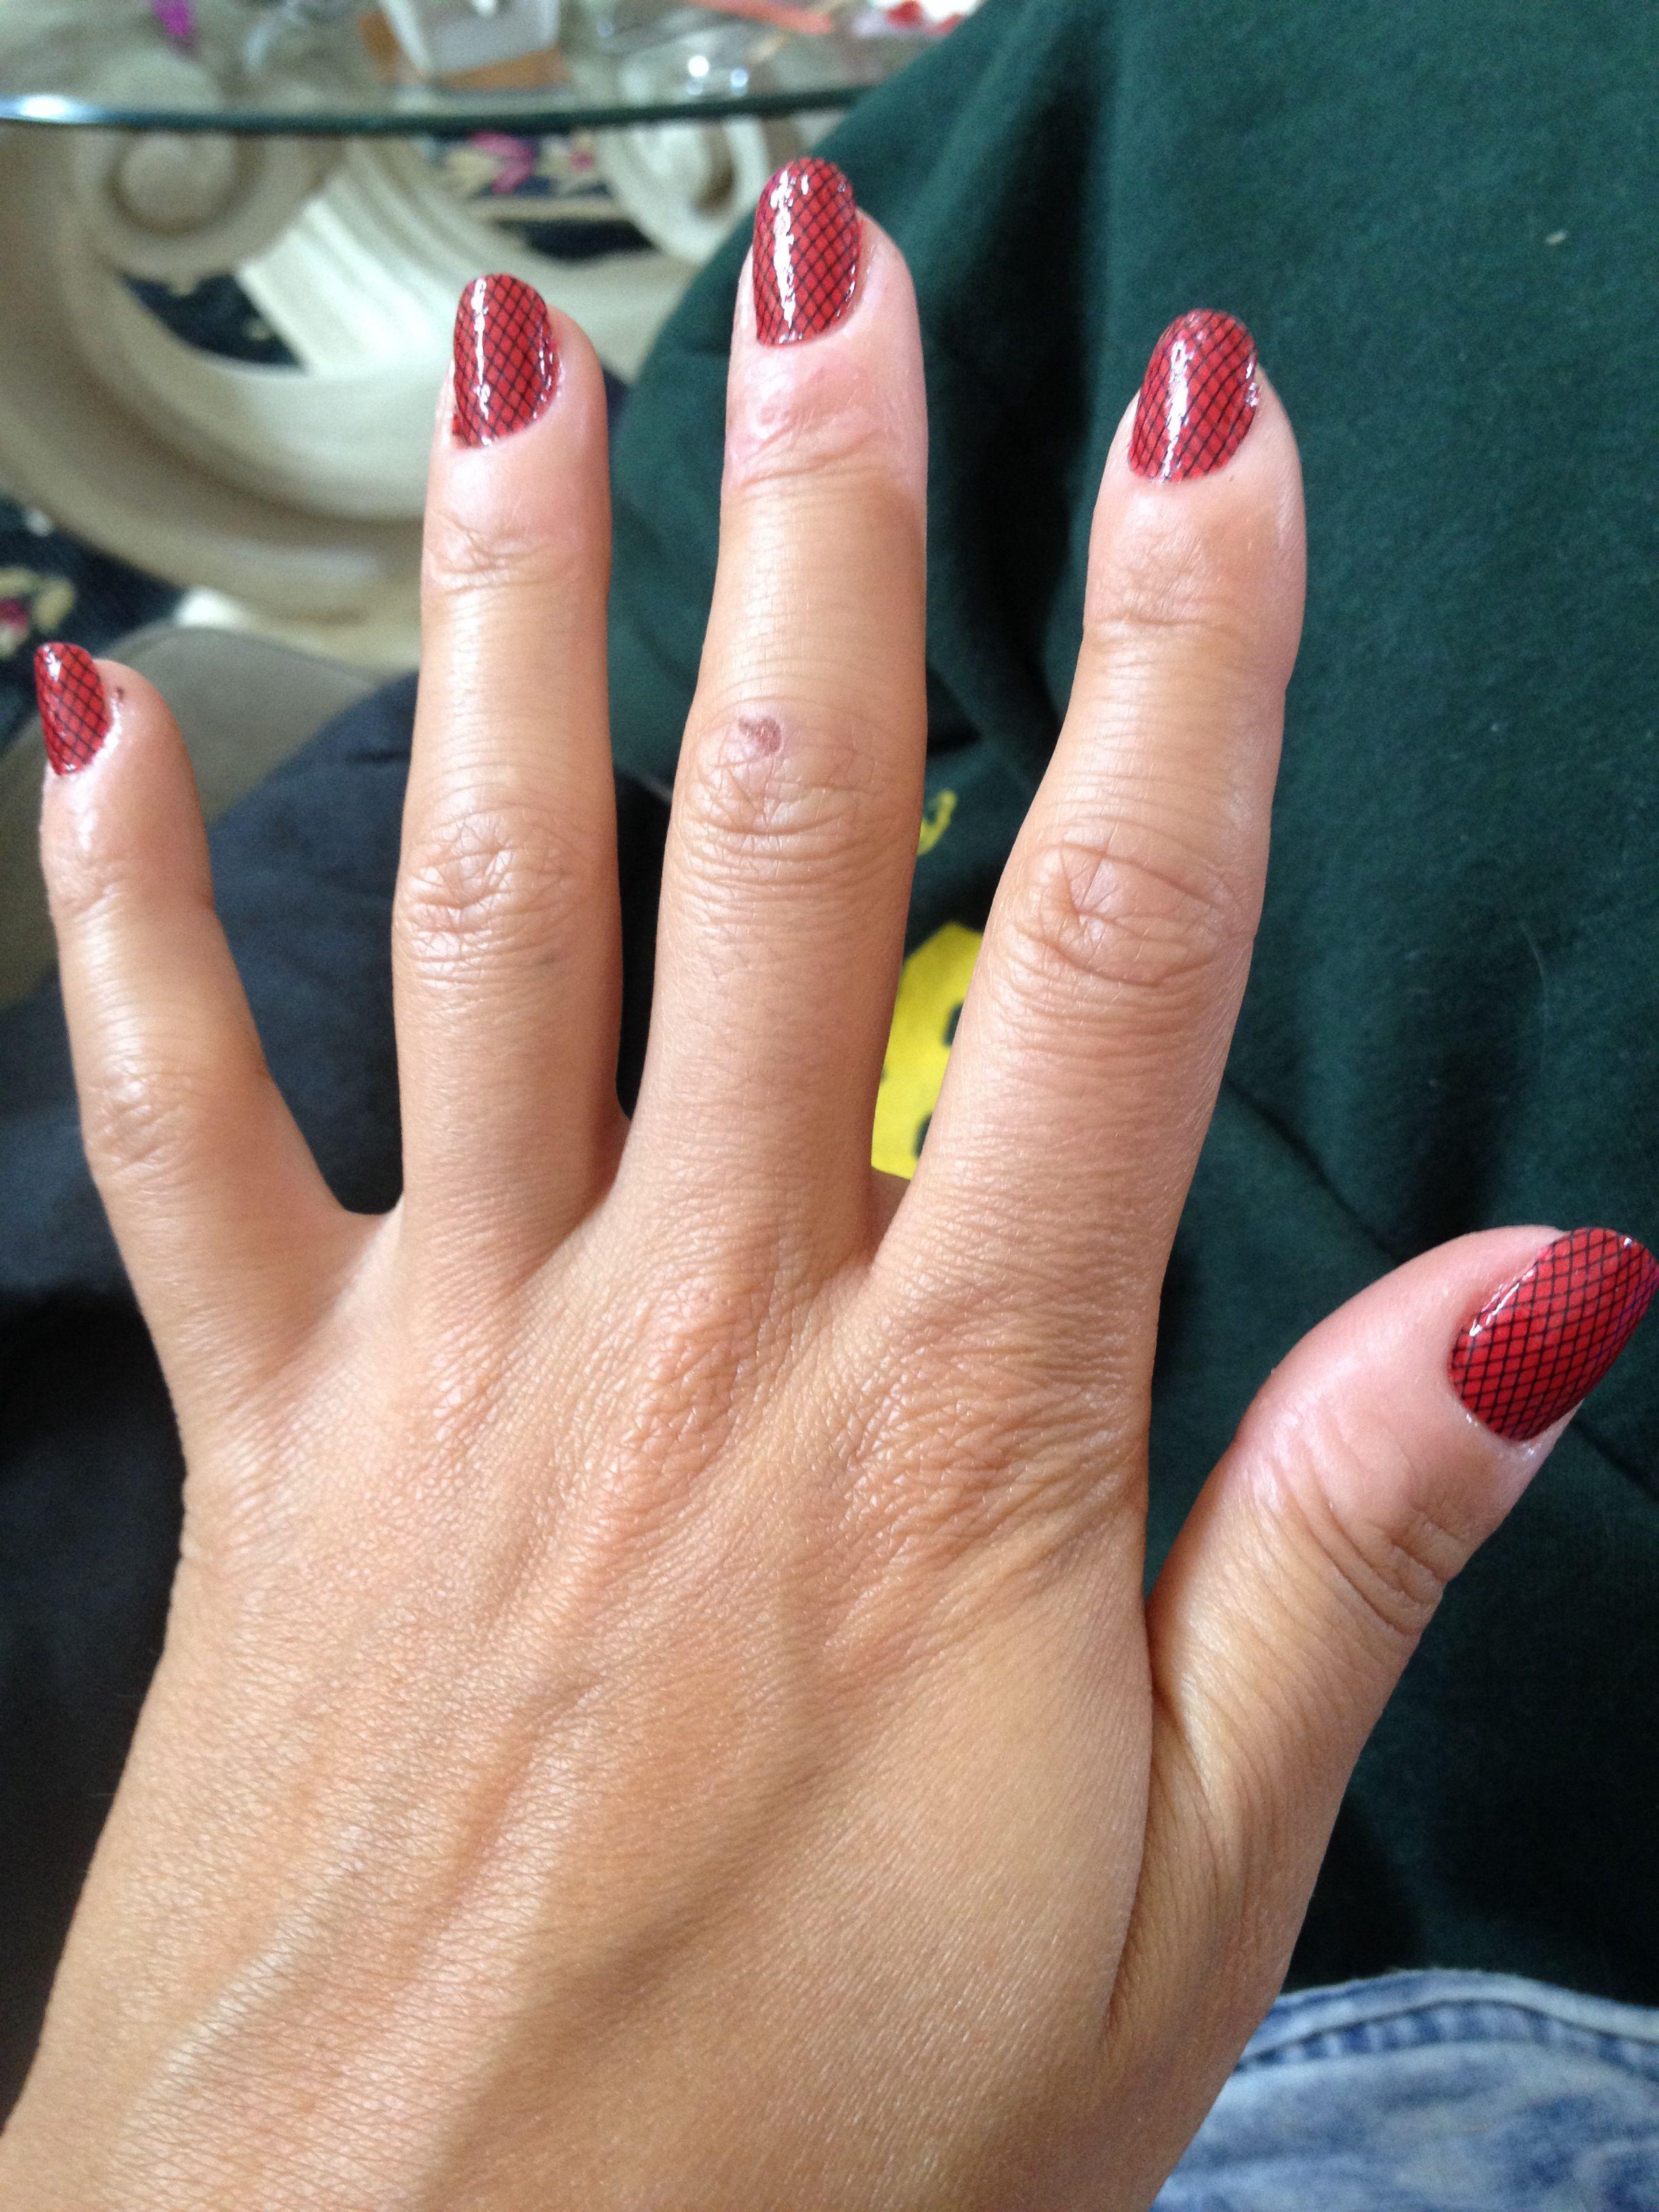 Fishnet nails. I got bored one day.